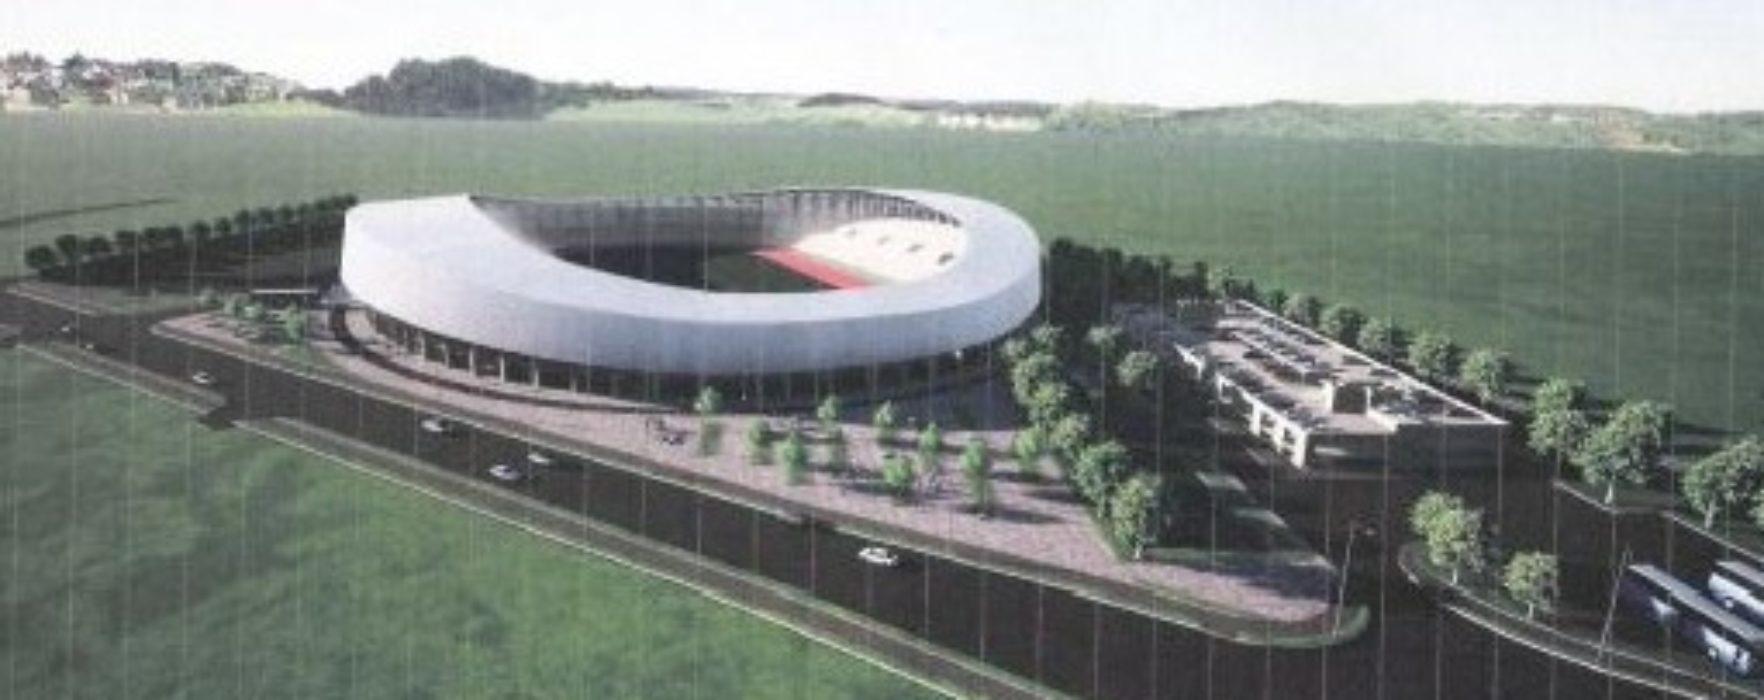 Autorităţile se încurcă în hârtiile de la noul stadion de la UM Gara Târgovişte